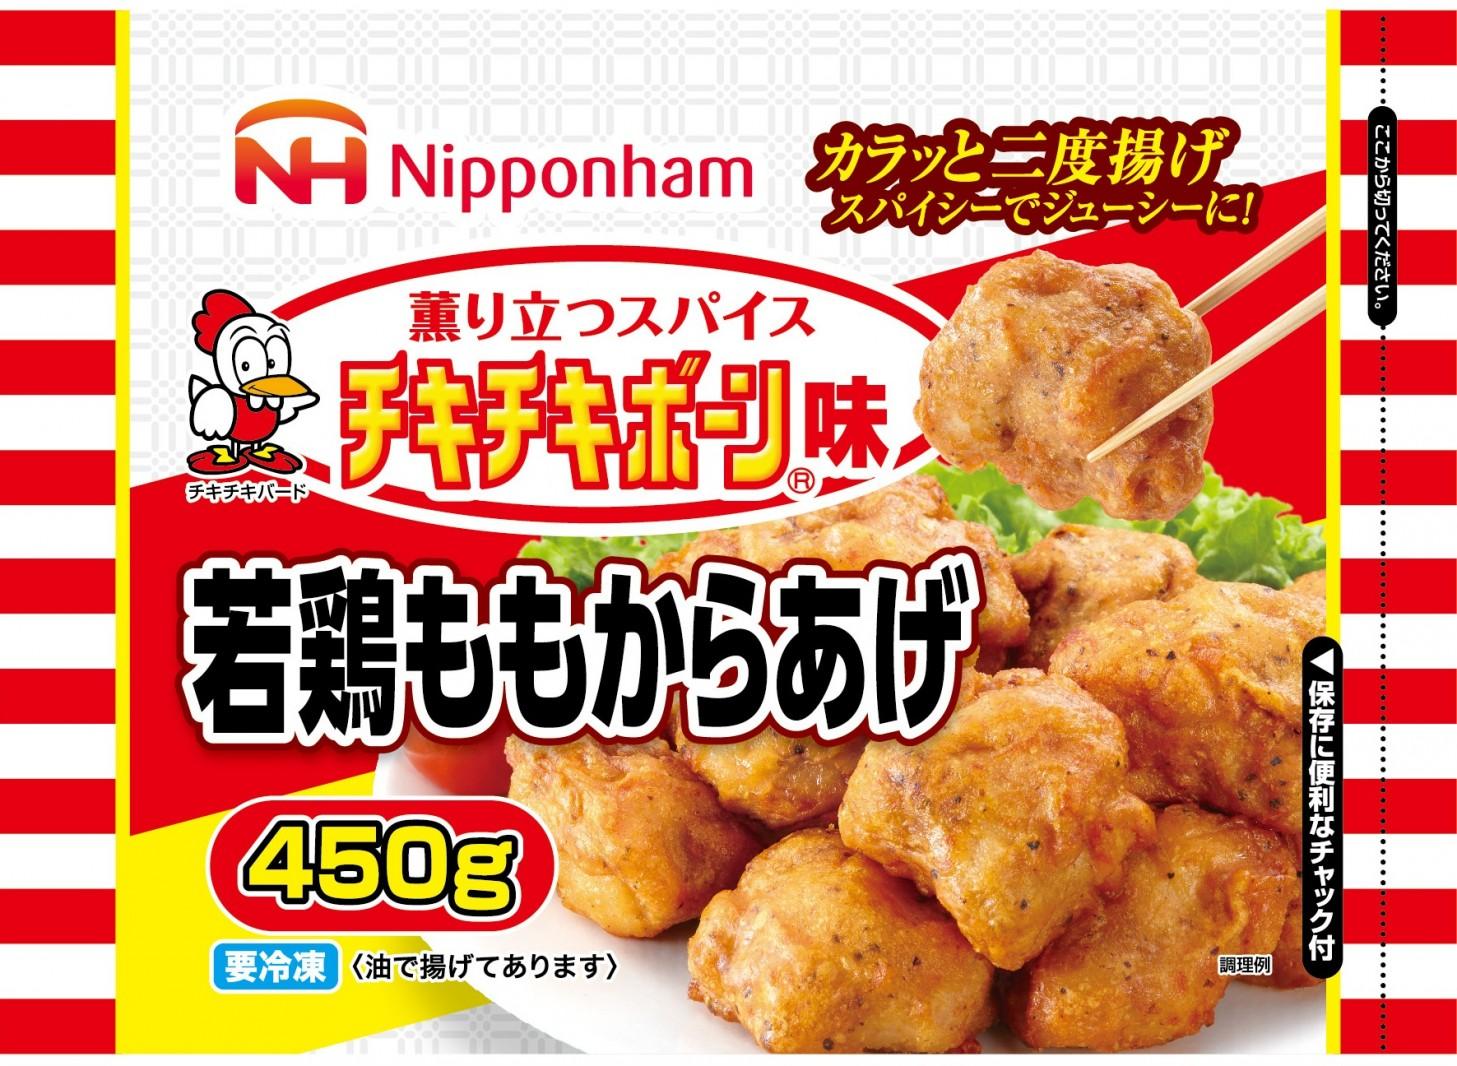 チキチキボーンⓇ味からあげ、秋からボリュームパック(450g)登場!!